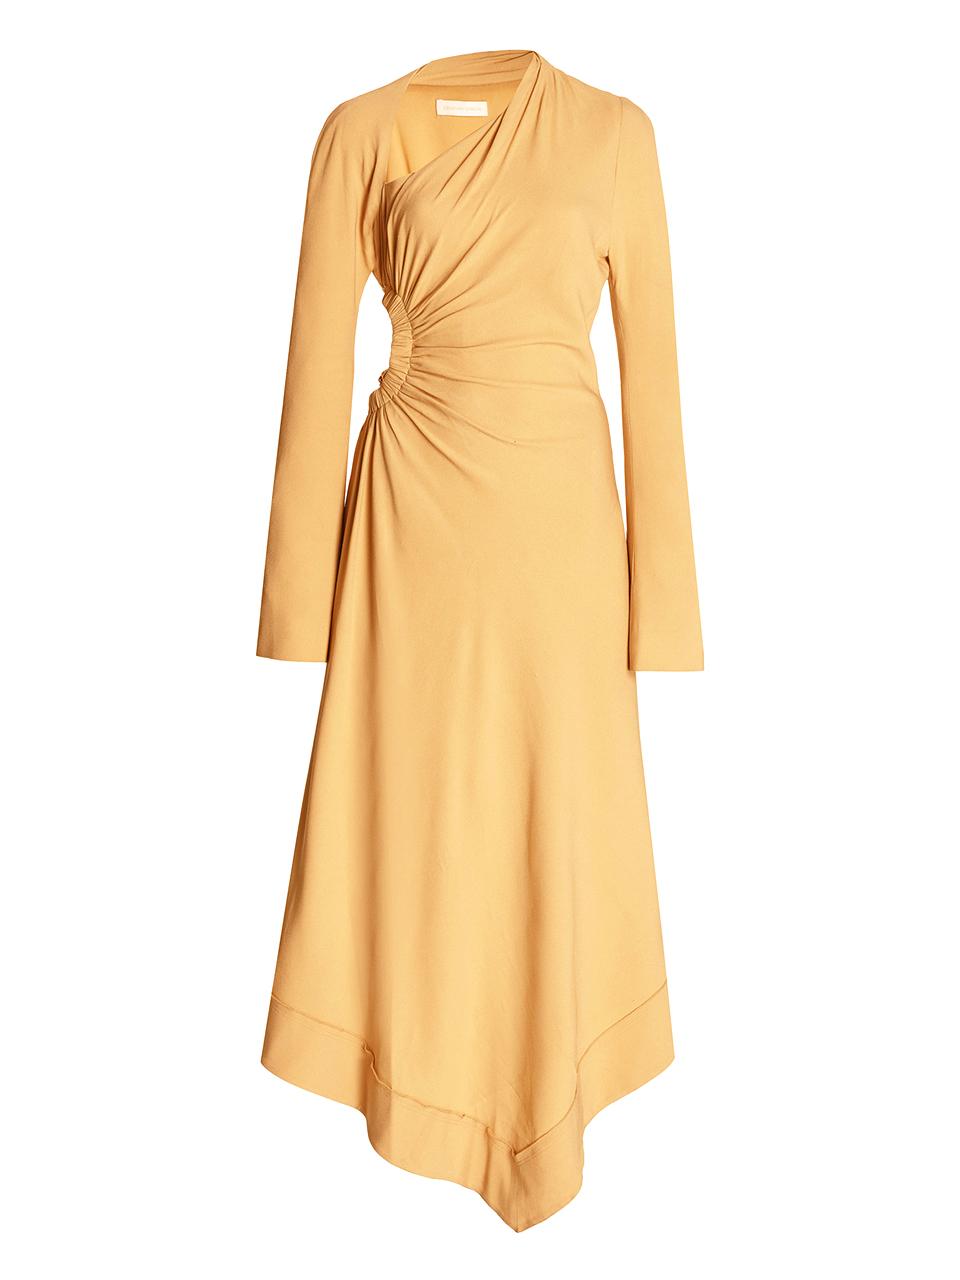 Jonathan Simkhai Christie Draped Cutout Dress in Honey Product Shot